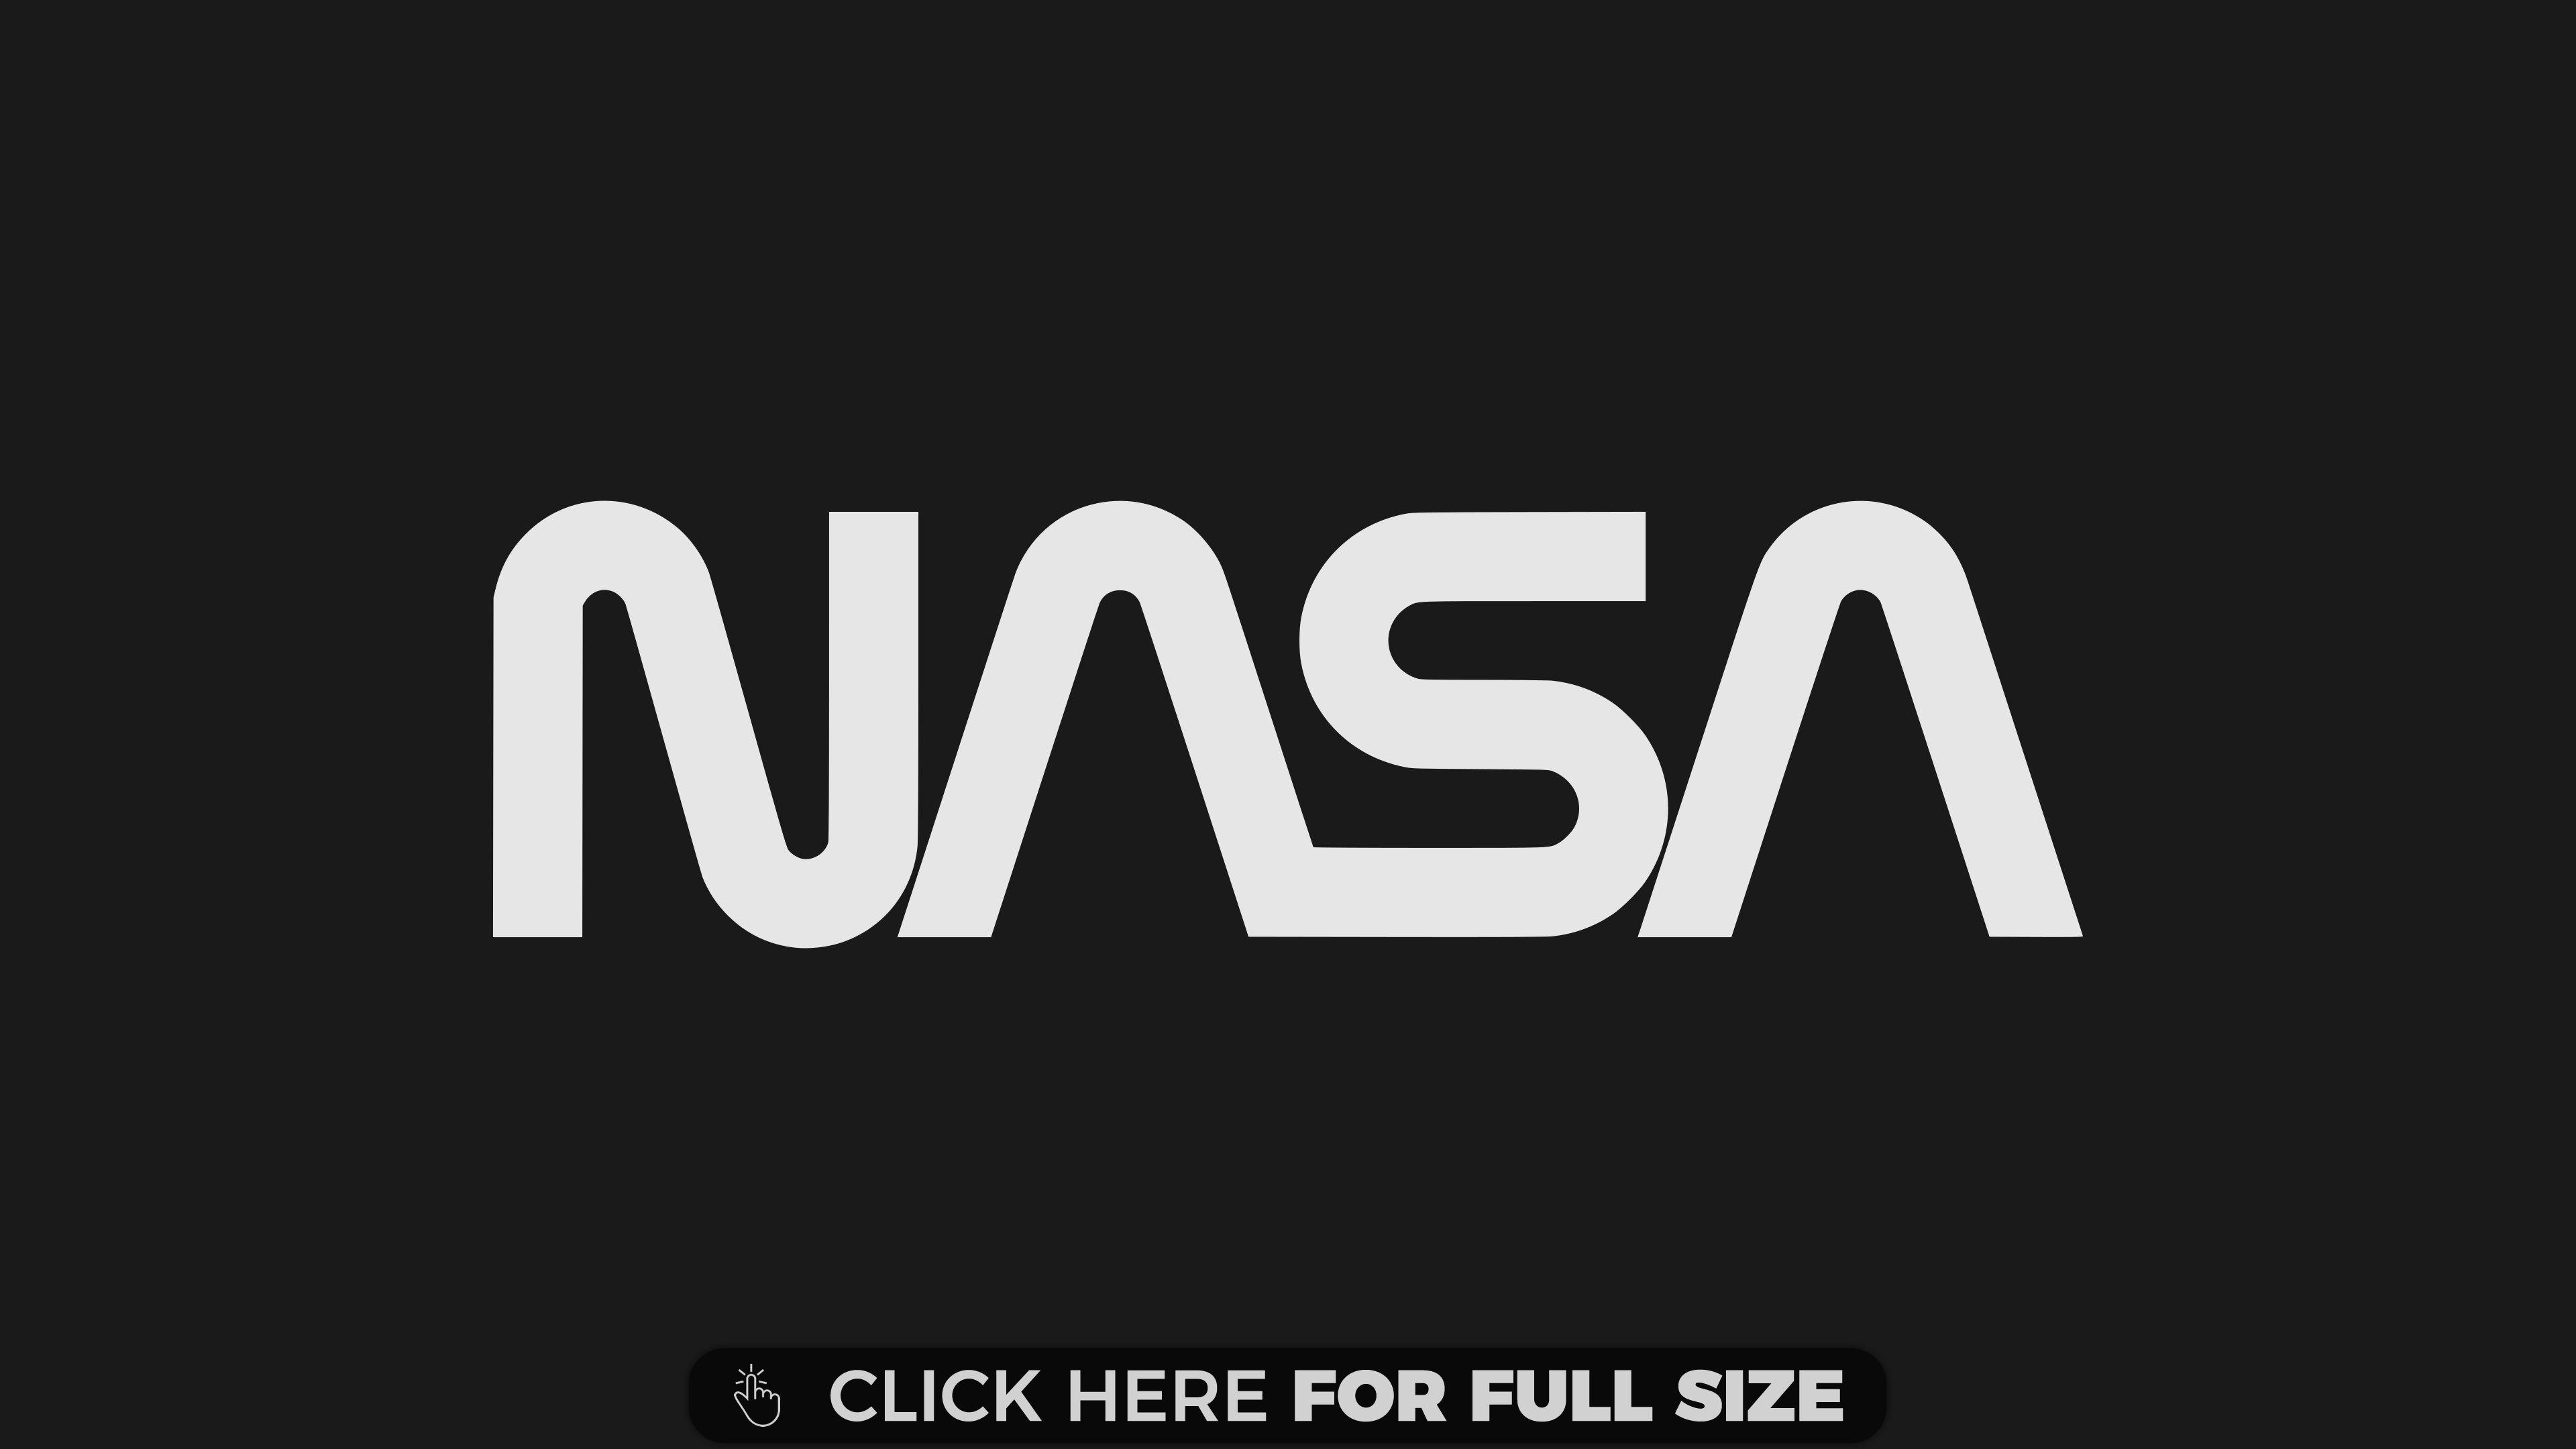 Simply Nasa 4k Wallpaper Nasa Wallpaper Space Phone Wallpaper Nasa